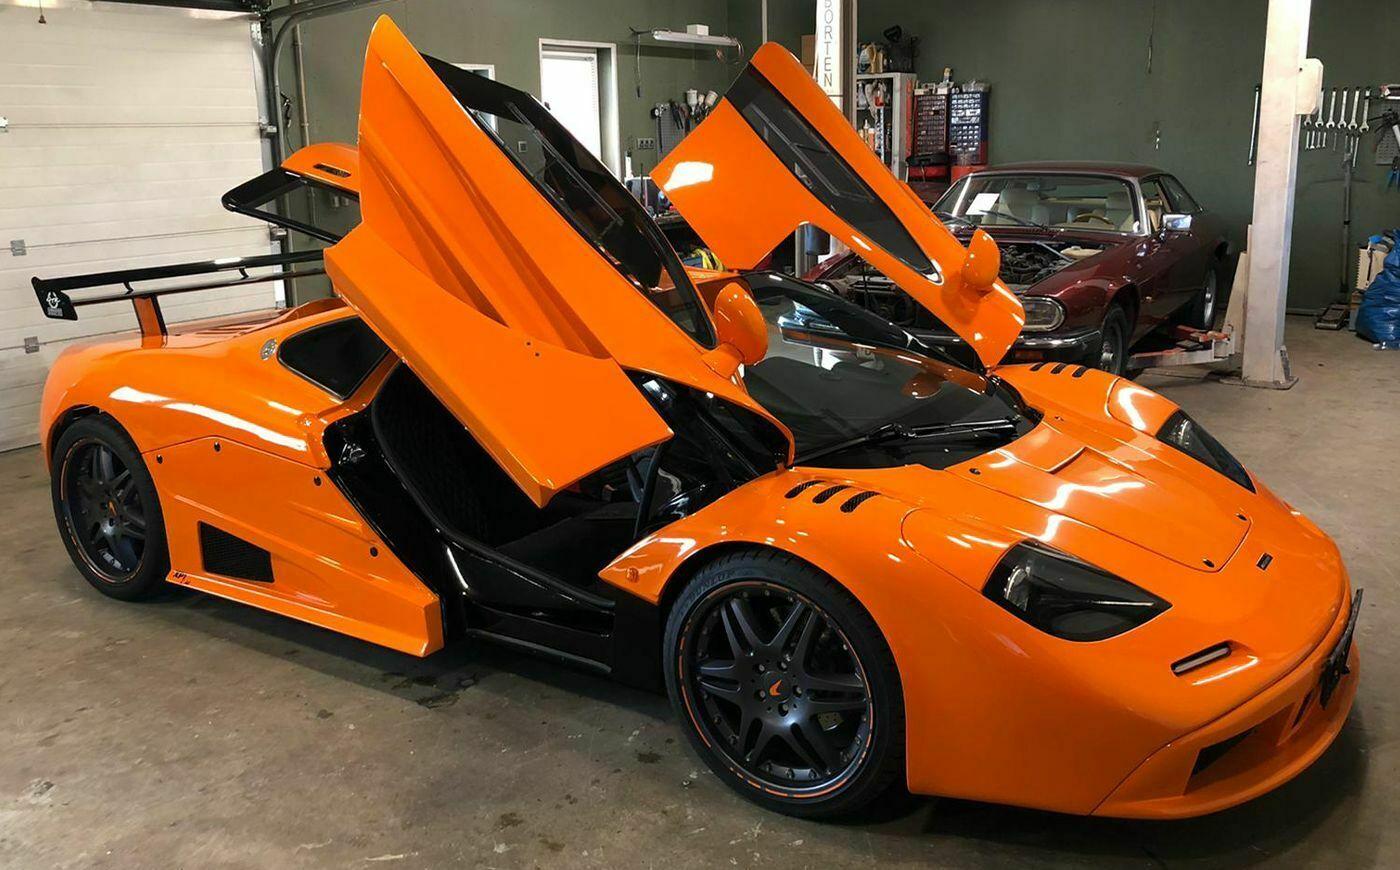 McLaren-F1-Porsche-Boxster-replica-3